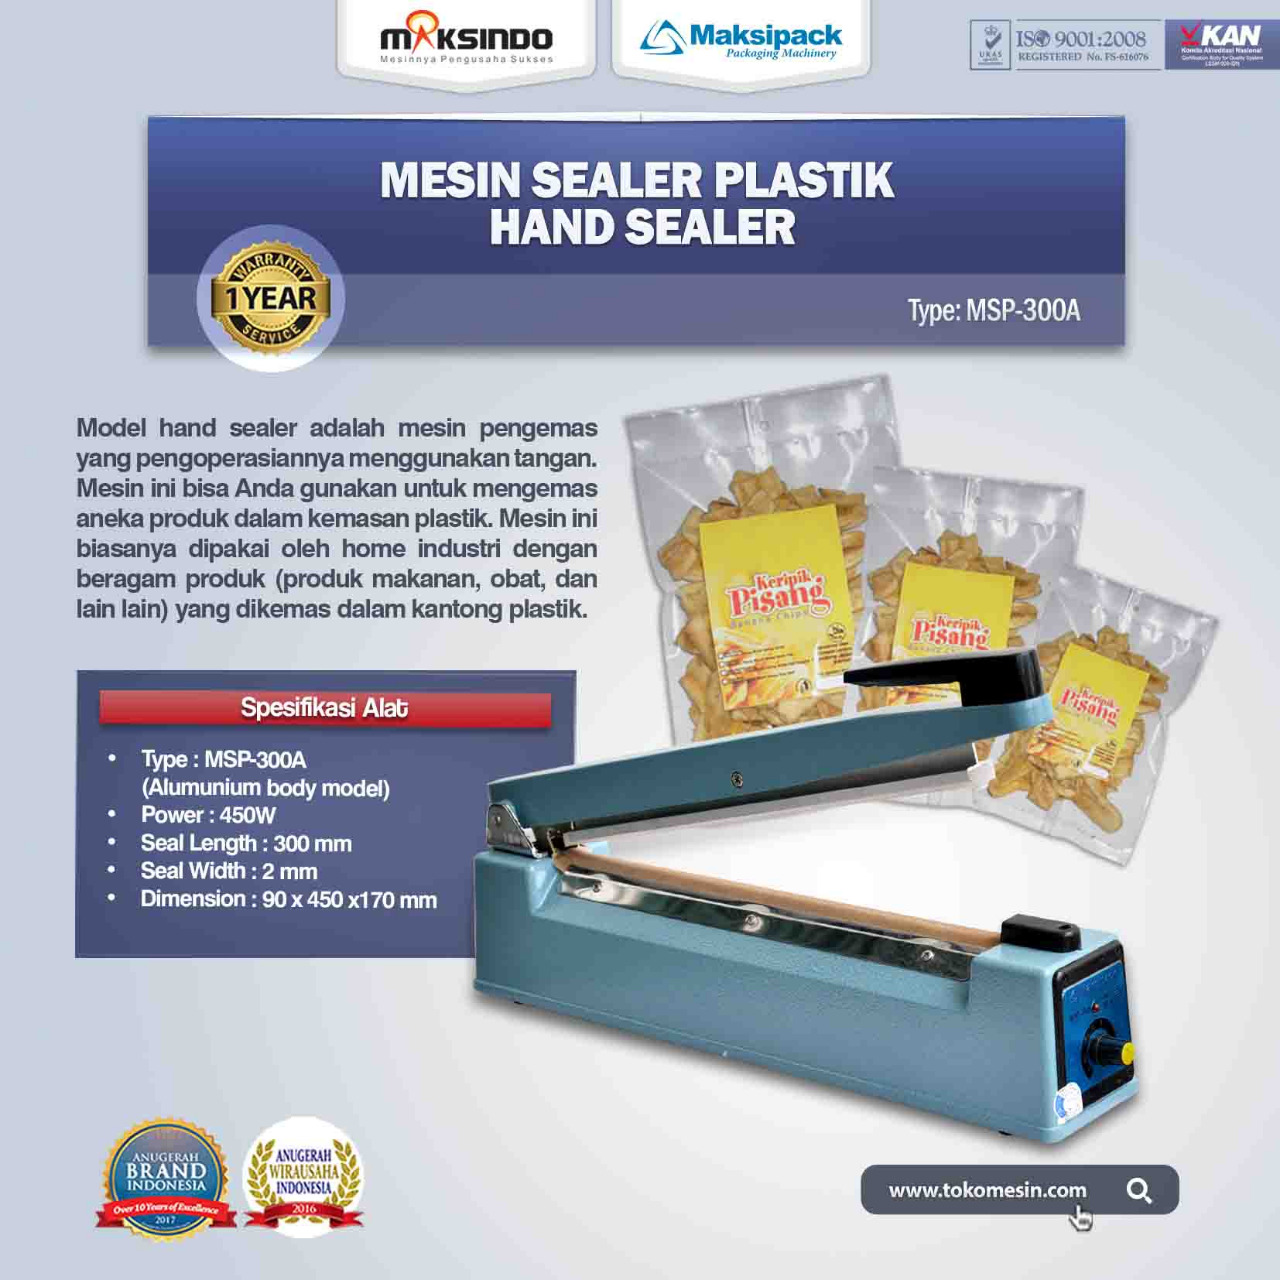 Jual Mesin Hand Sealer MSP-300A di Tangerang